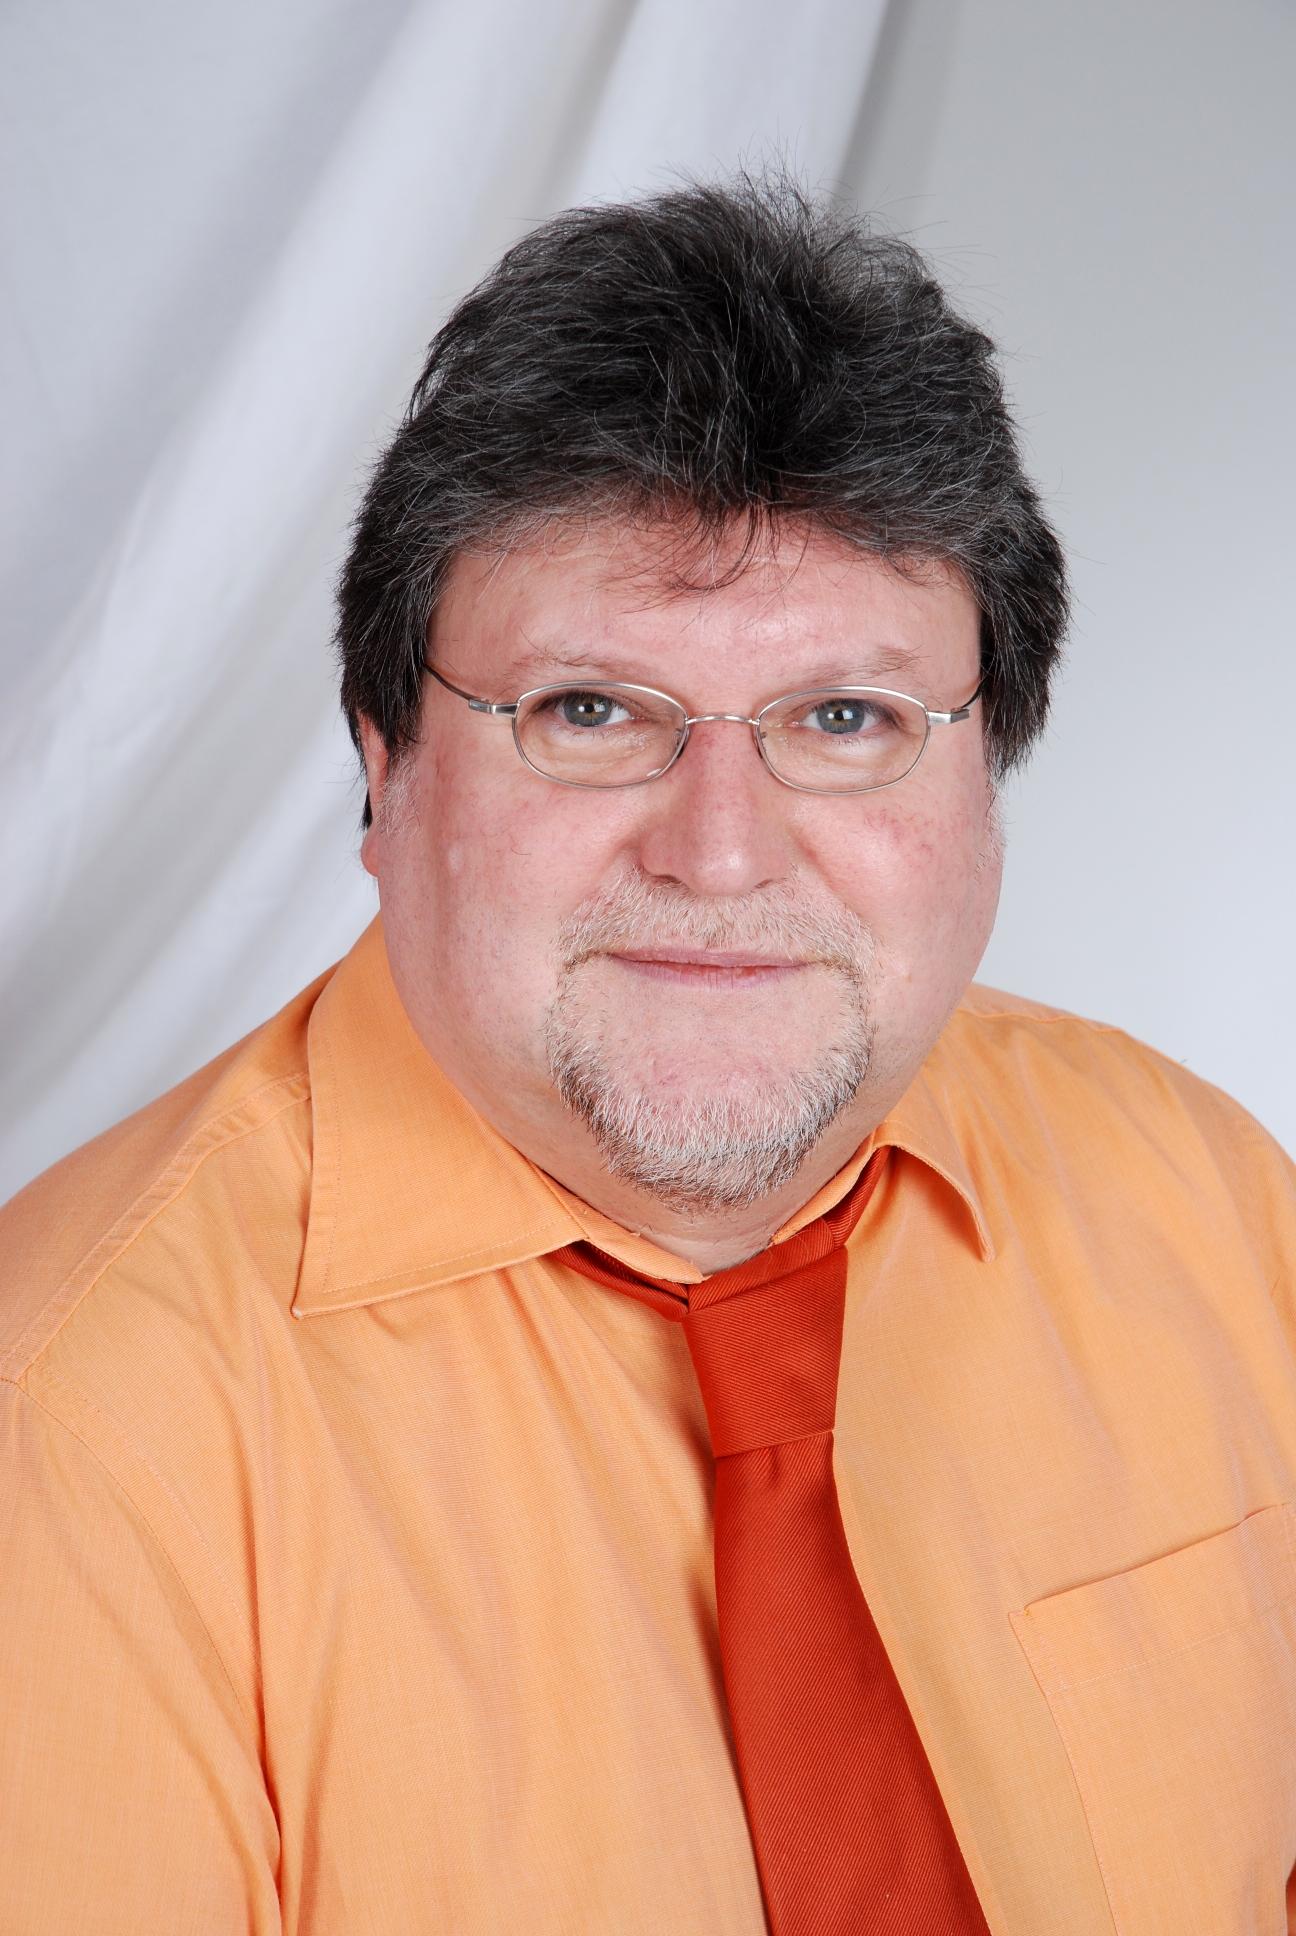 Dr. Meyer K